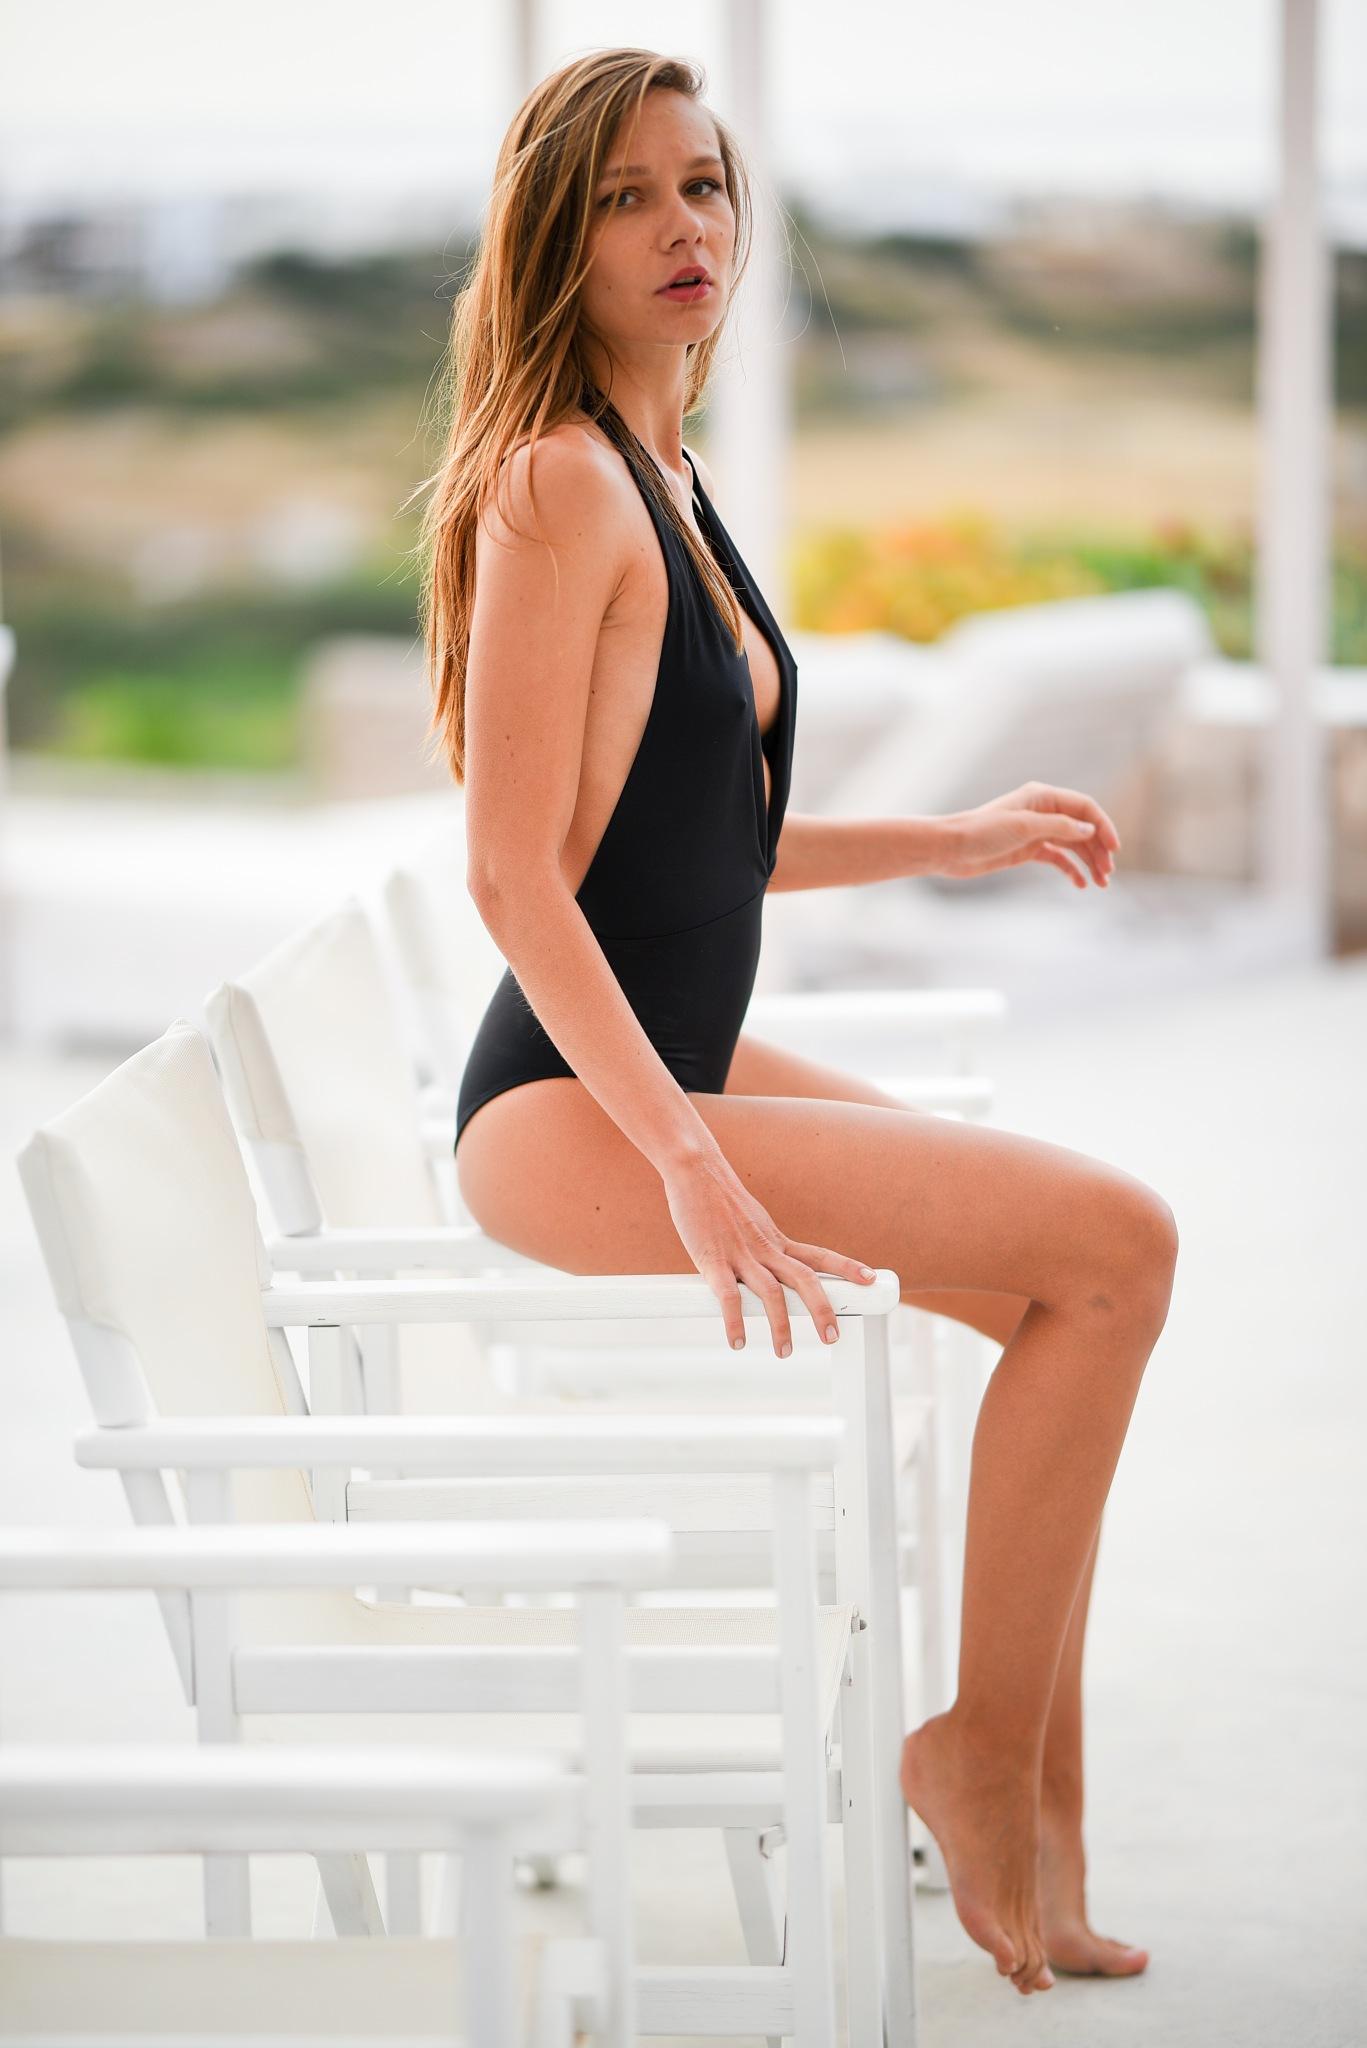 Which chair by Alplata